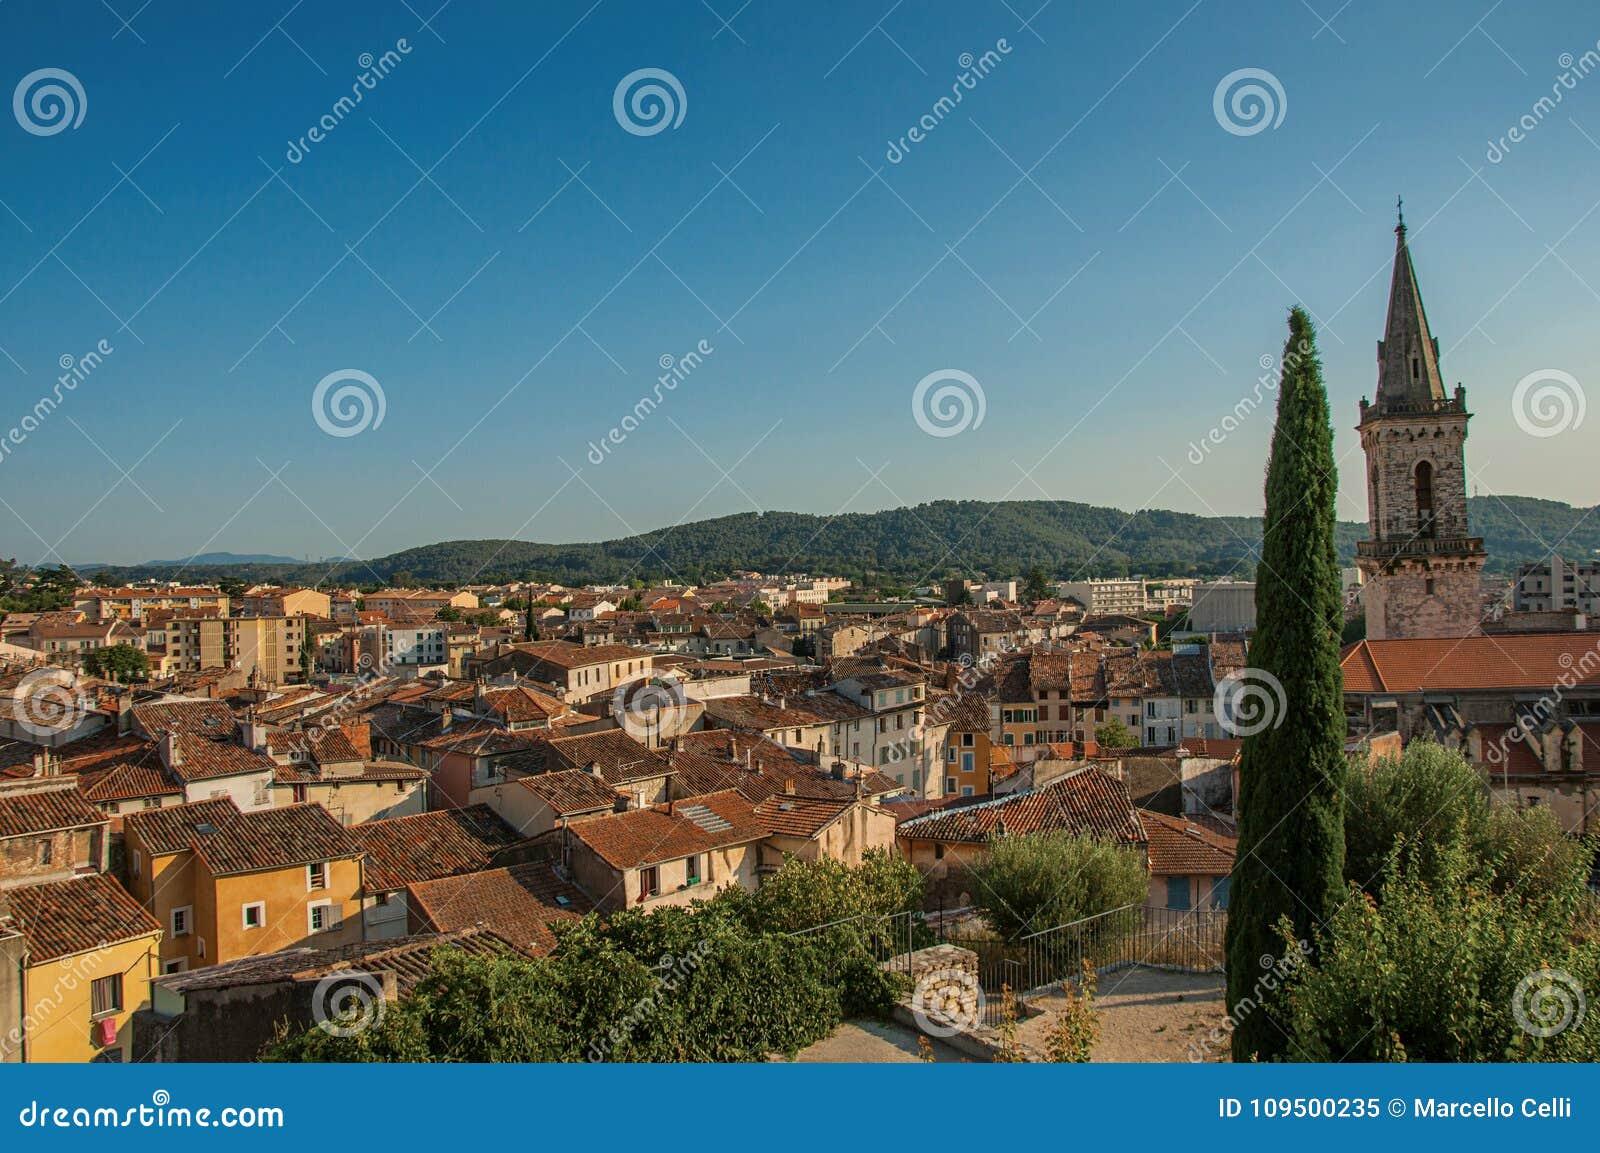 Άποψη της ζωηρής και ευχάριστης πόλης Draguignan από το λόφο του πύργου ρολογιών